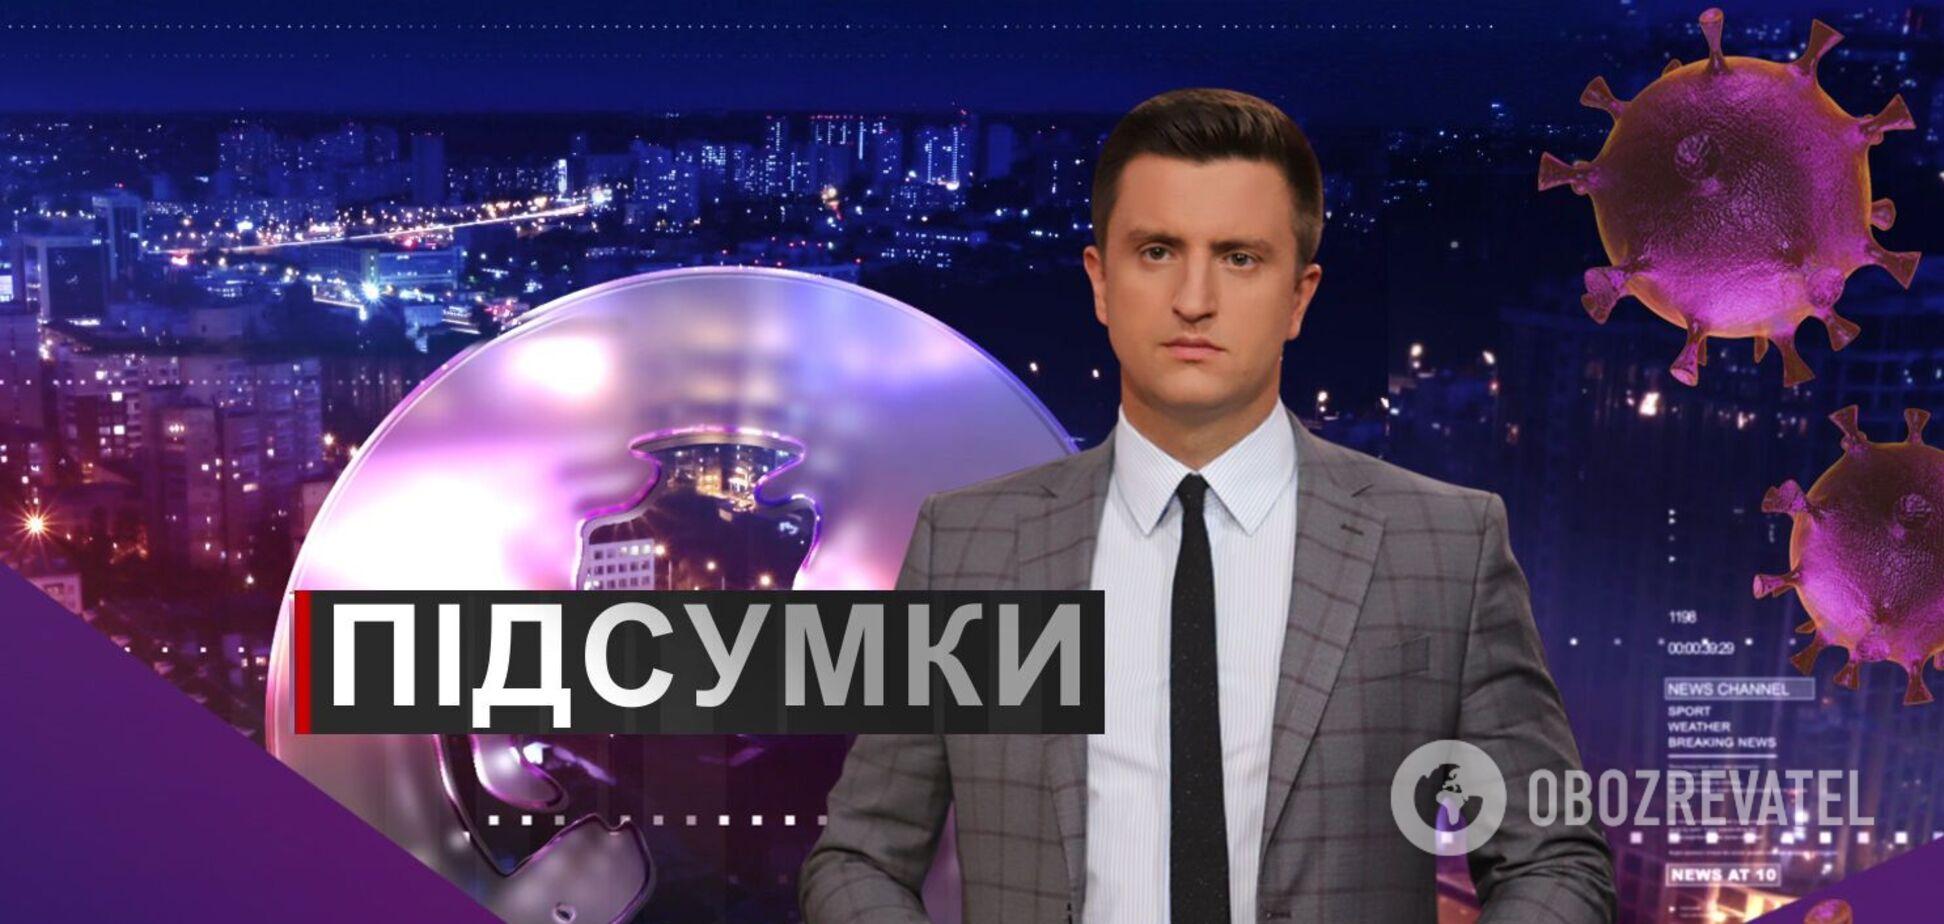 Підсумки дня з Вадимом Колодійчуком. Вівторок, 22 грудня